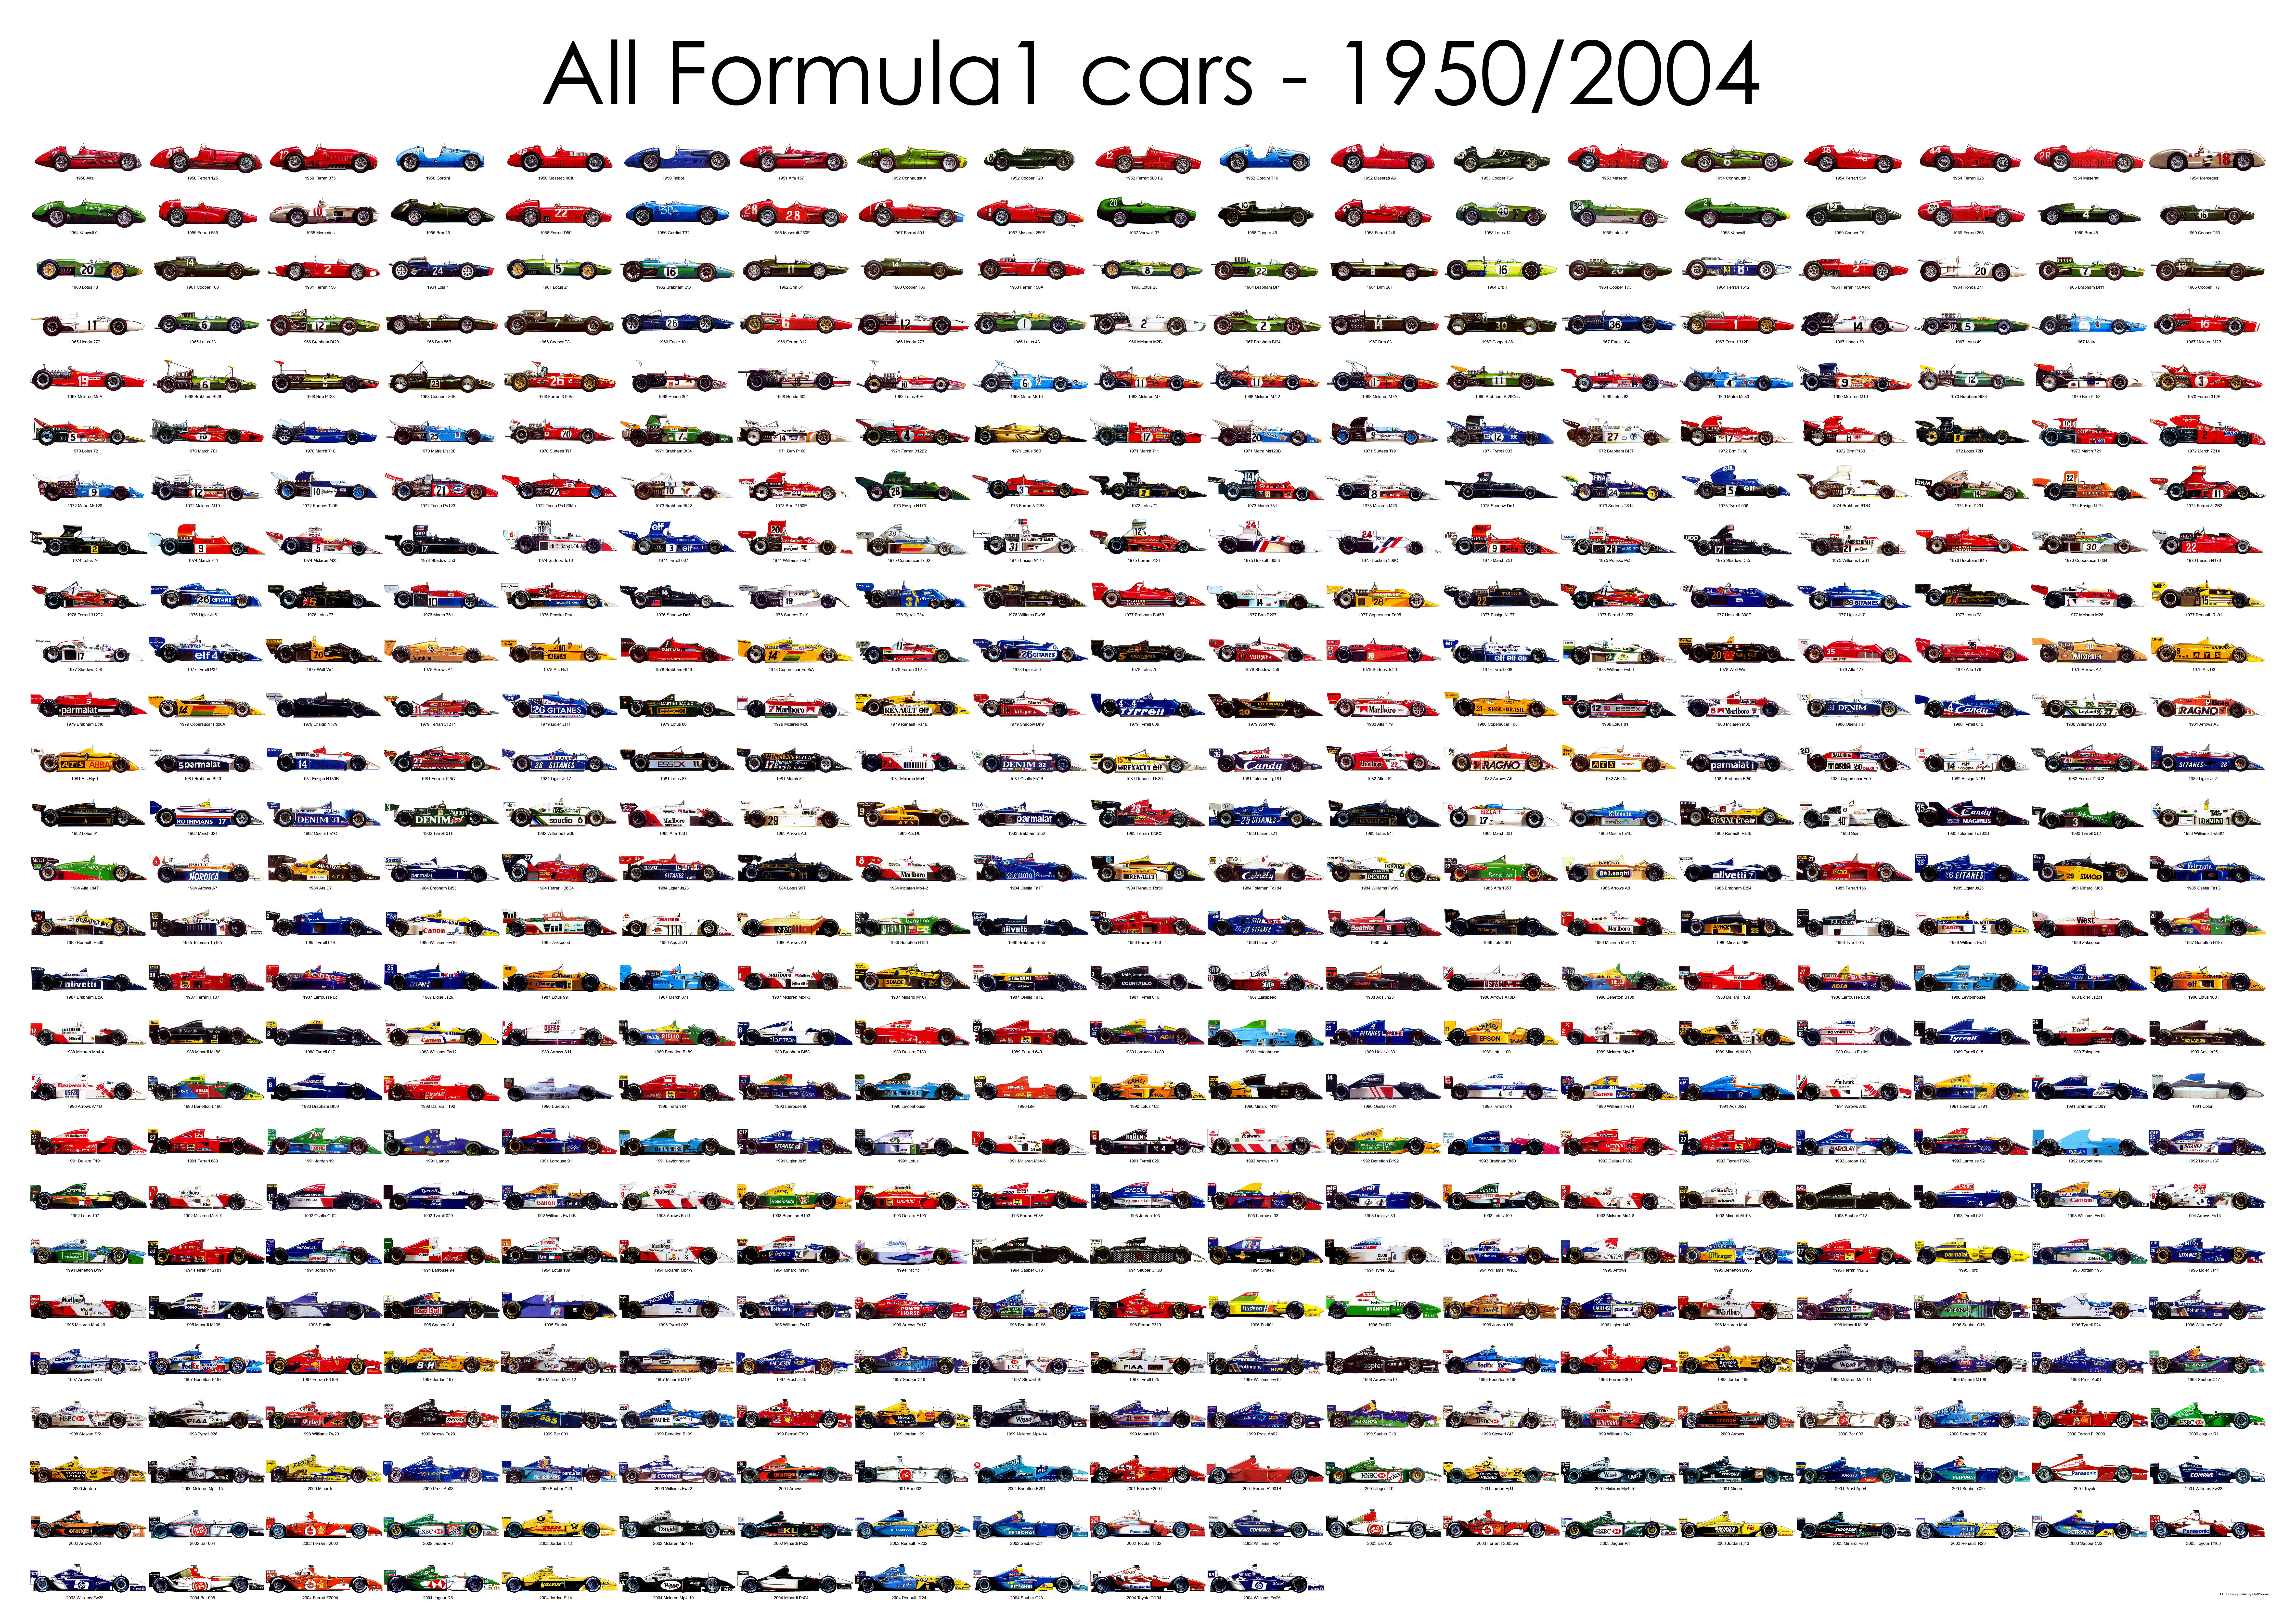 CARROS DA F1 DE 1950-2004 Allf1_a02